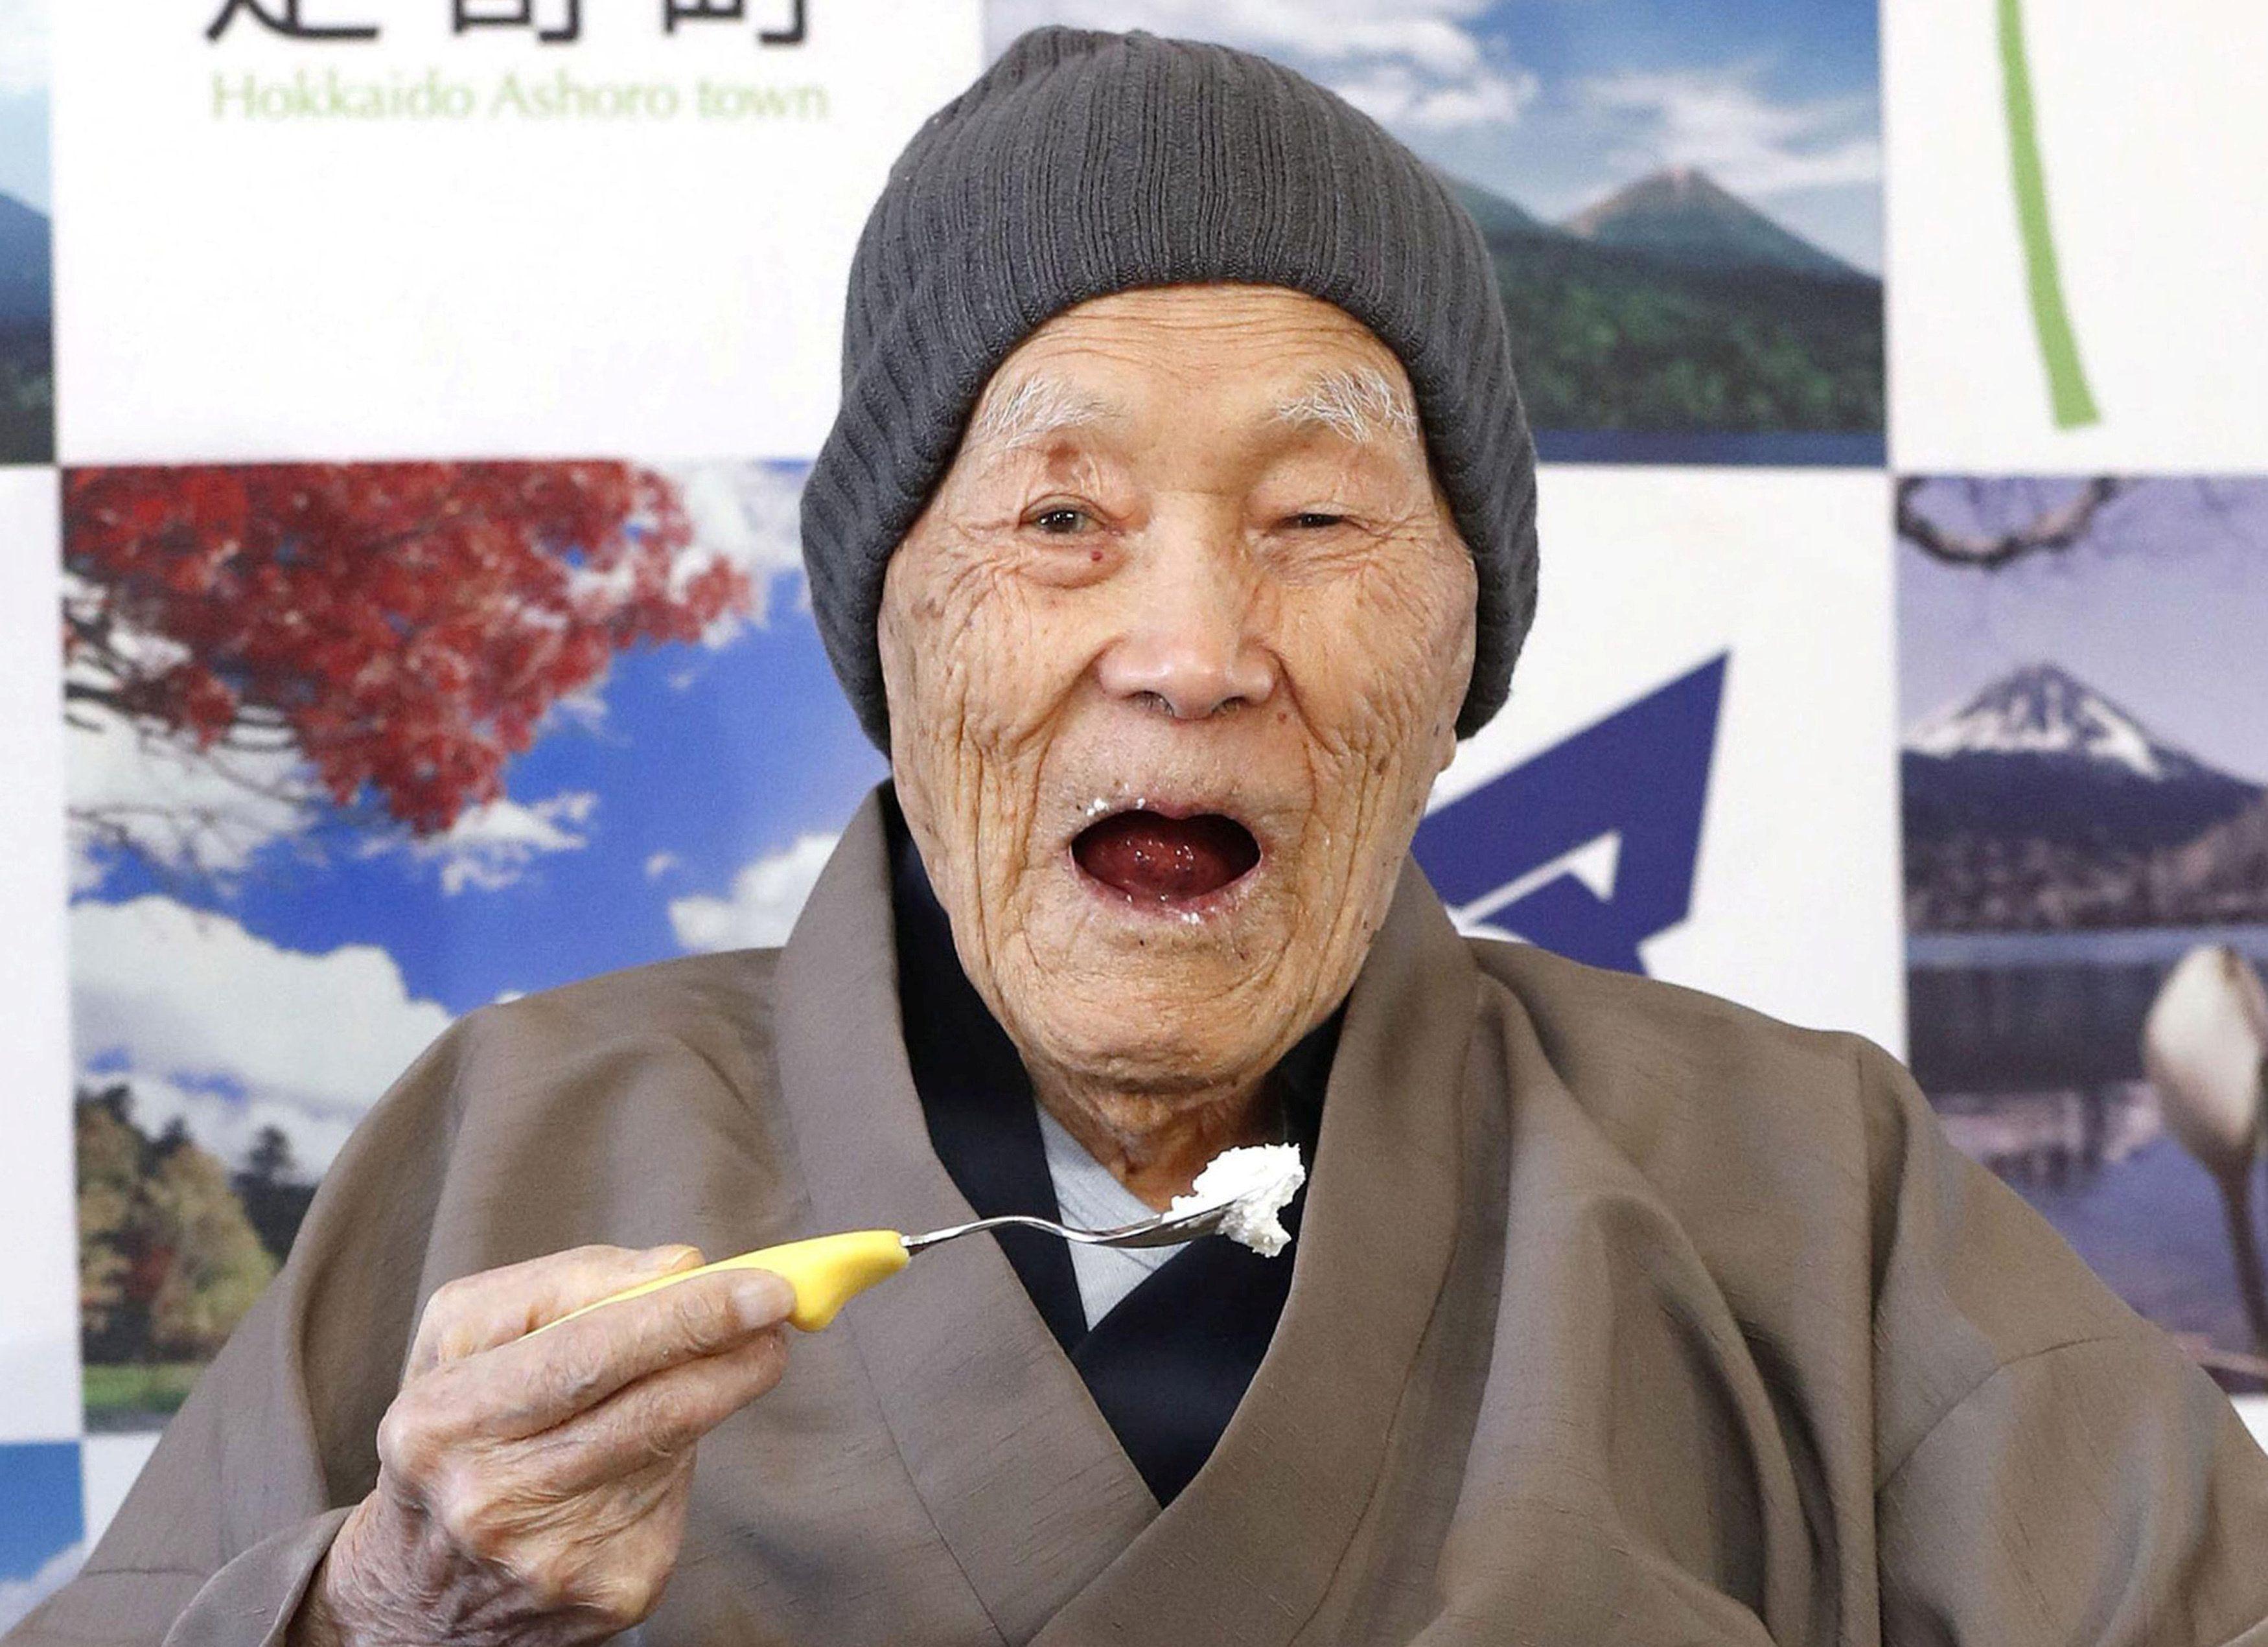 112-Jähriger verrät Geheimnis seines Alters – seine Tochter weiß es besser